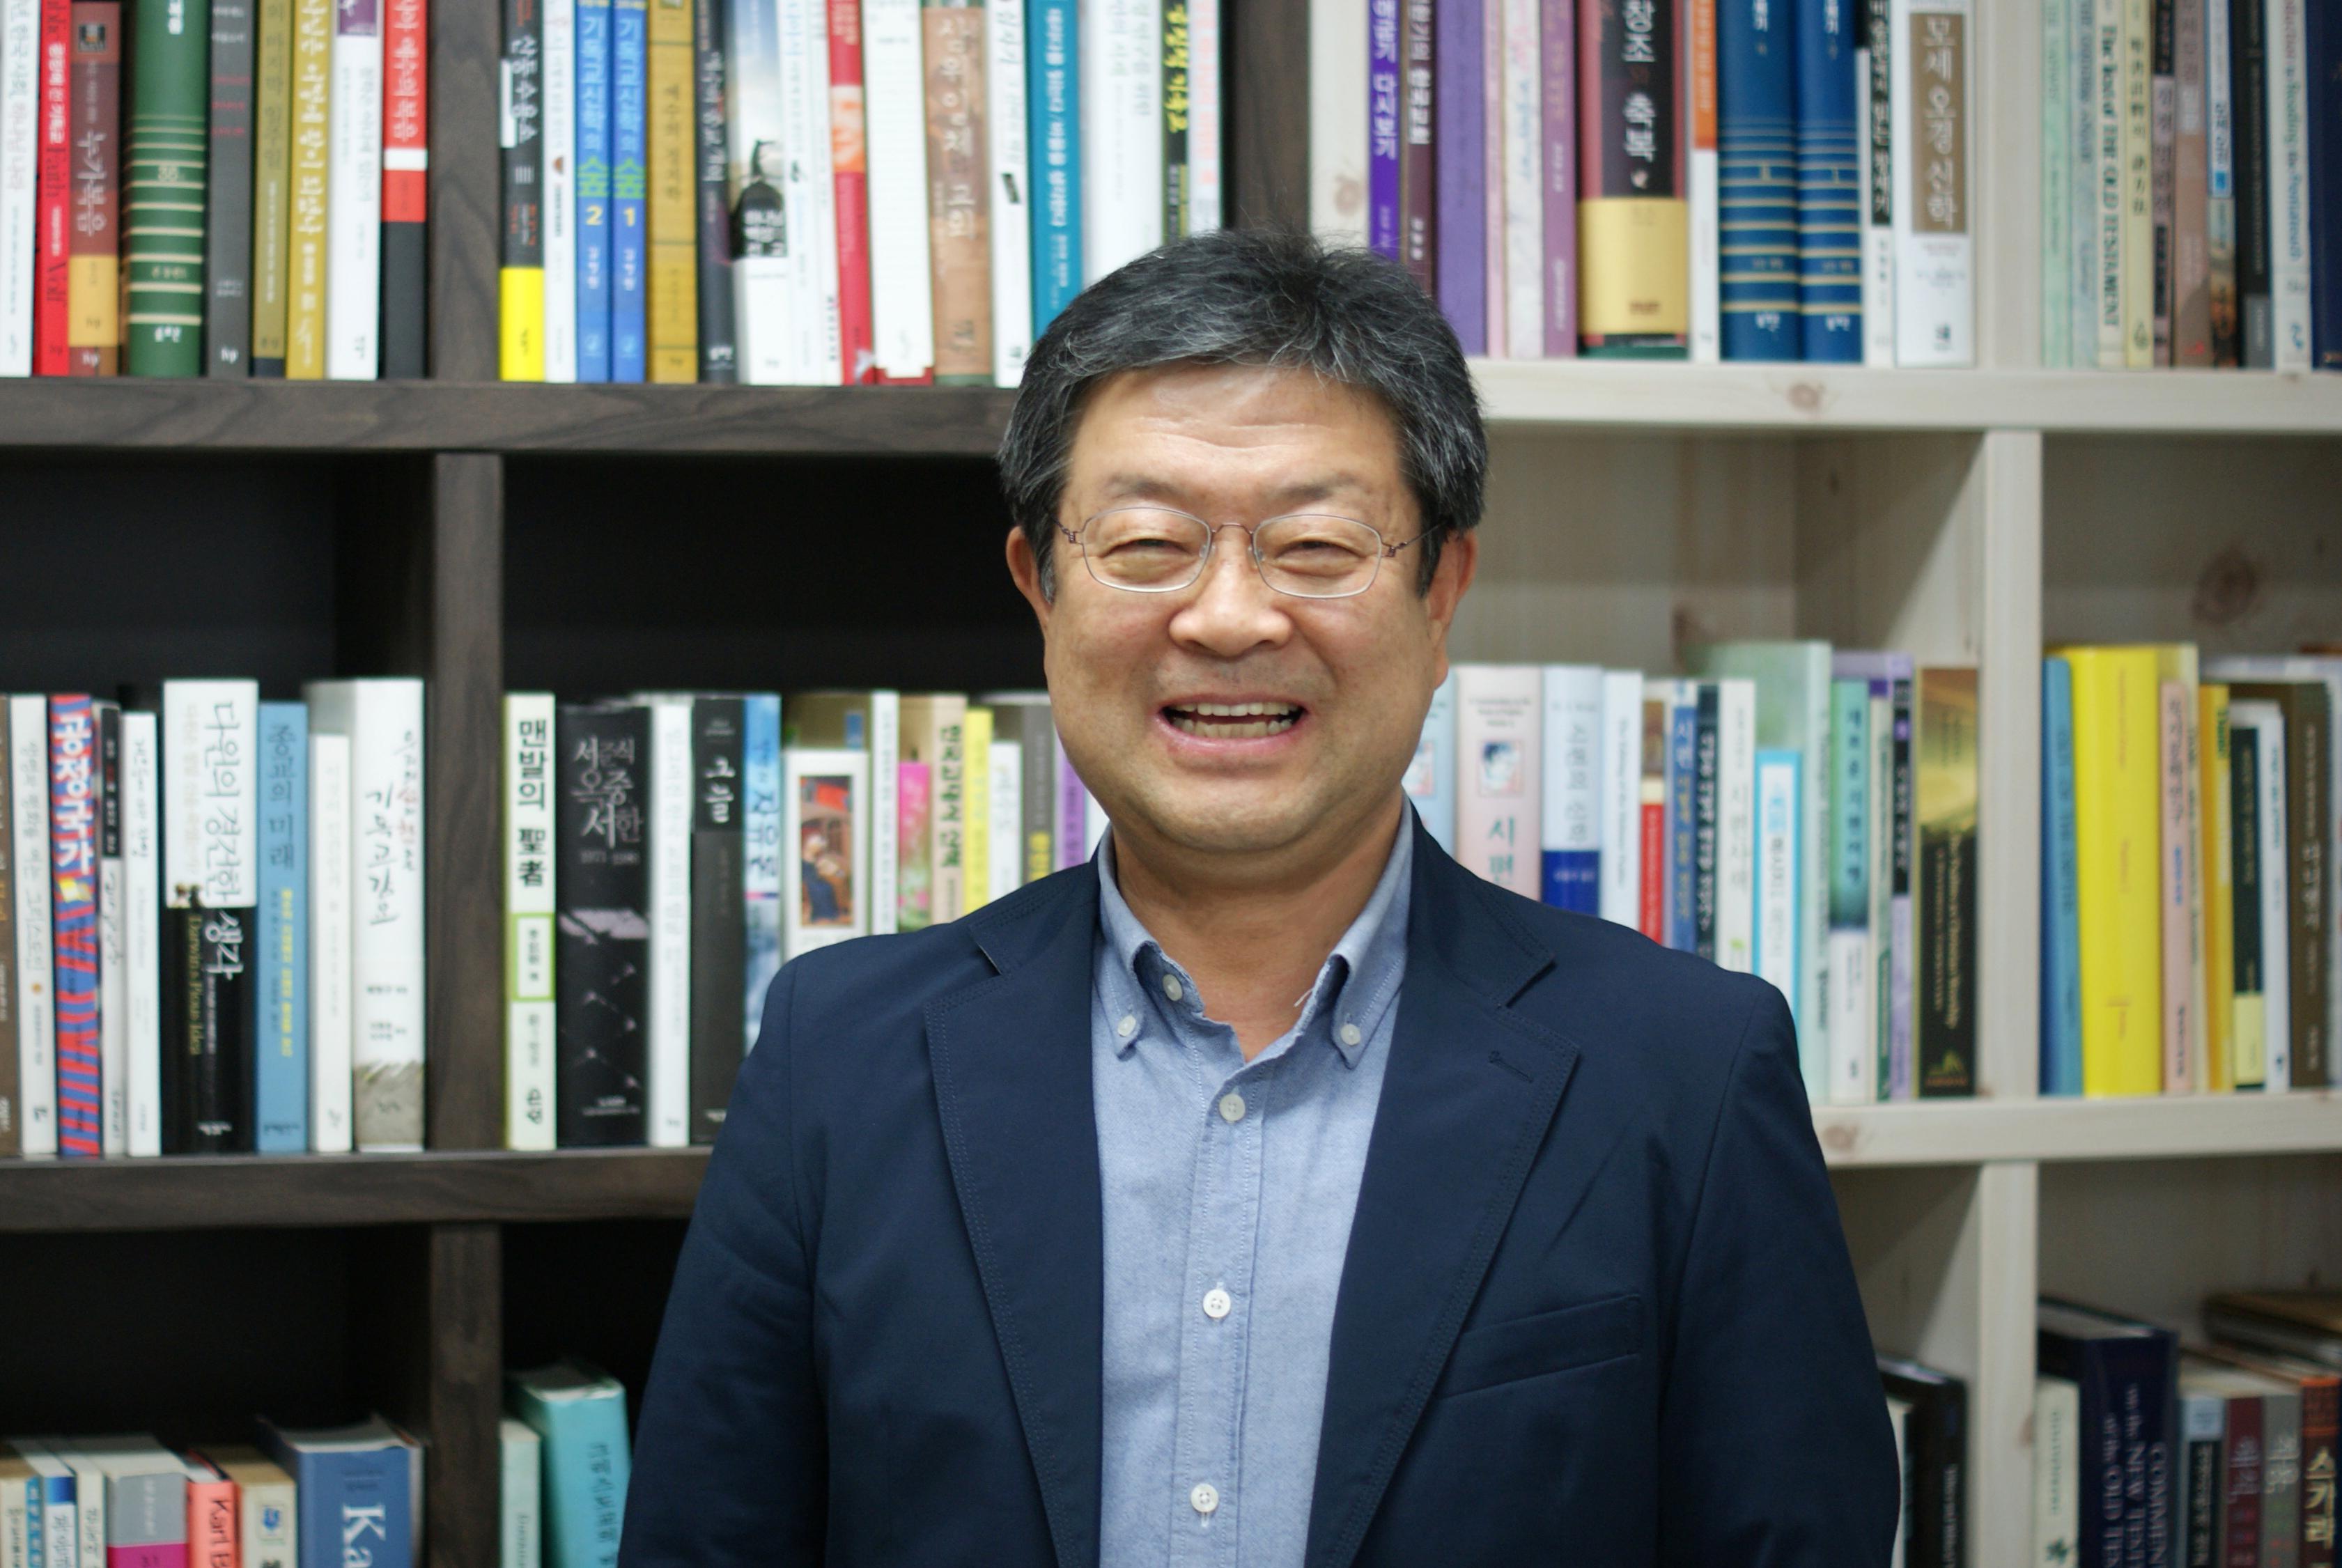 조석민 초빙연구위원